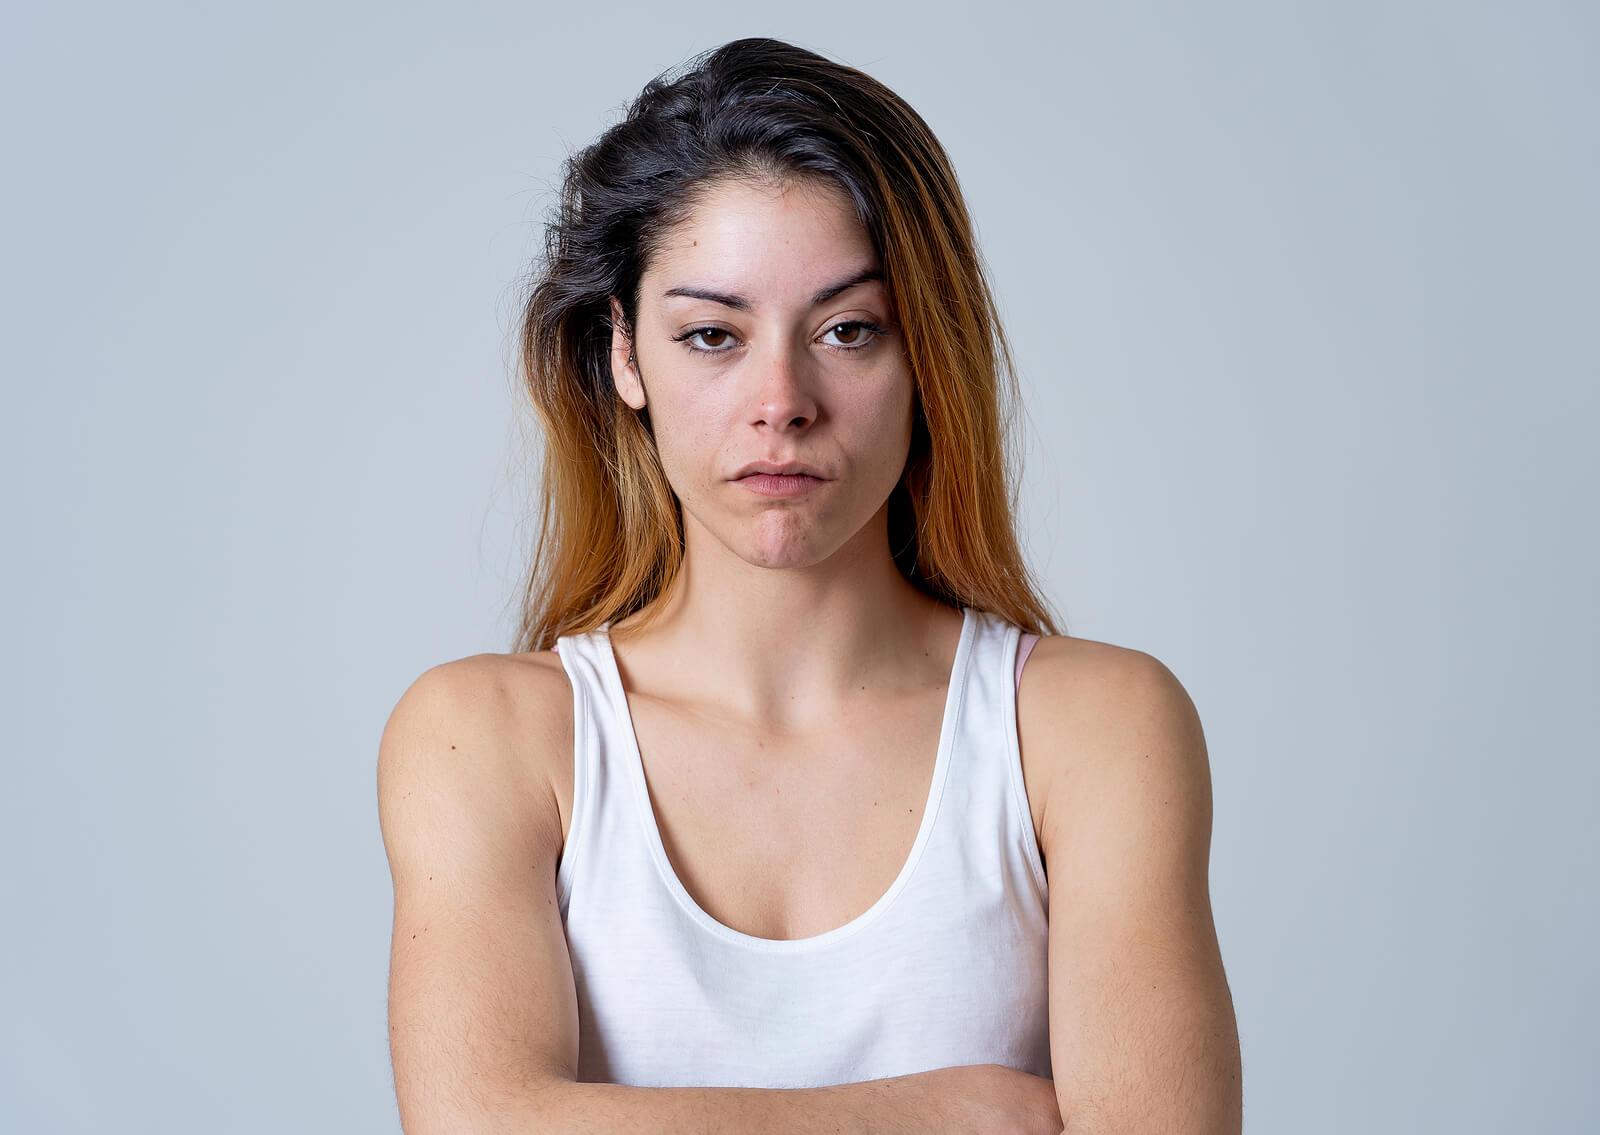 Chica adolescente desafiando a sus padres maltratados.